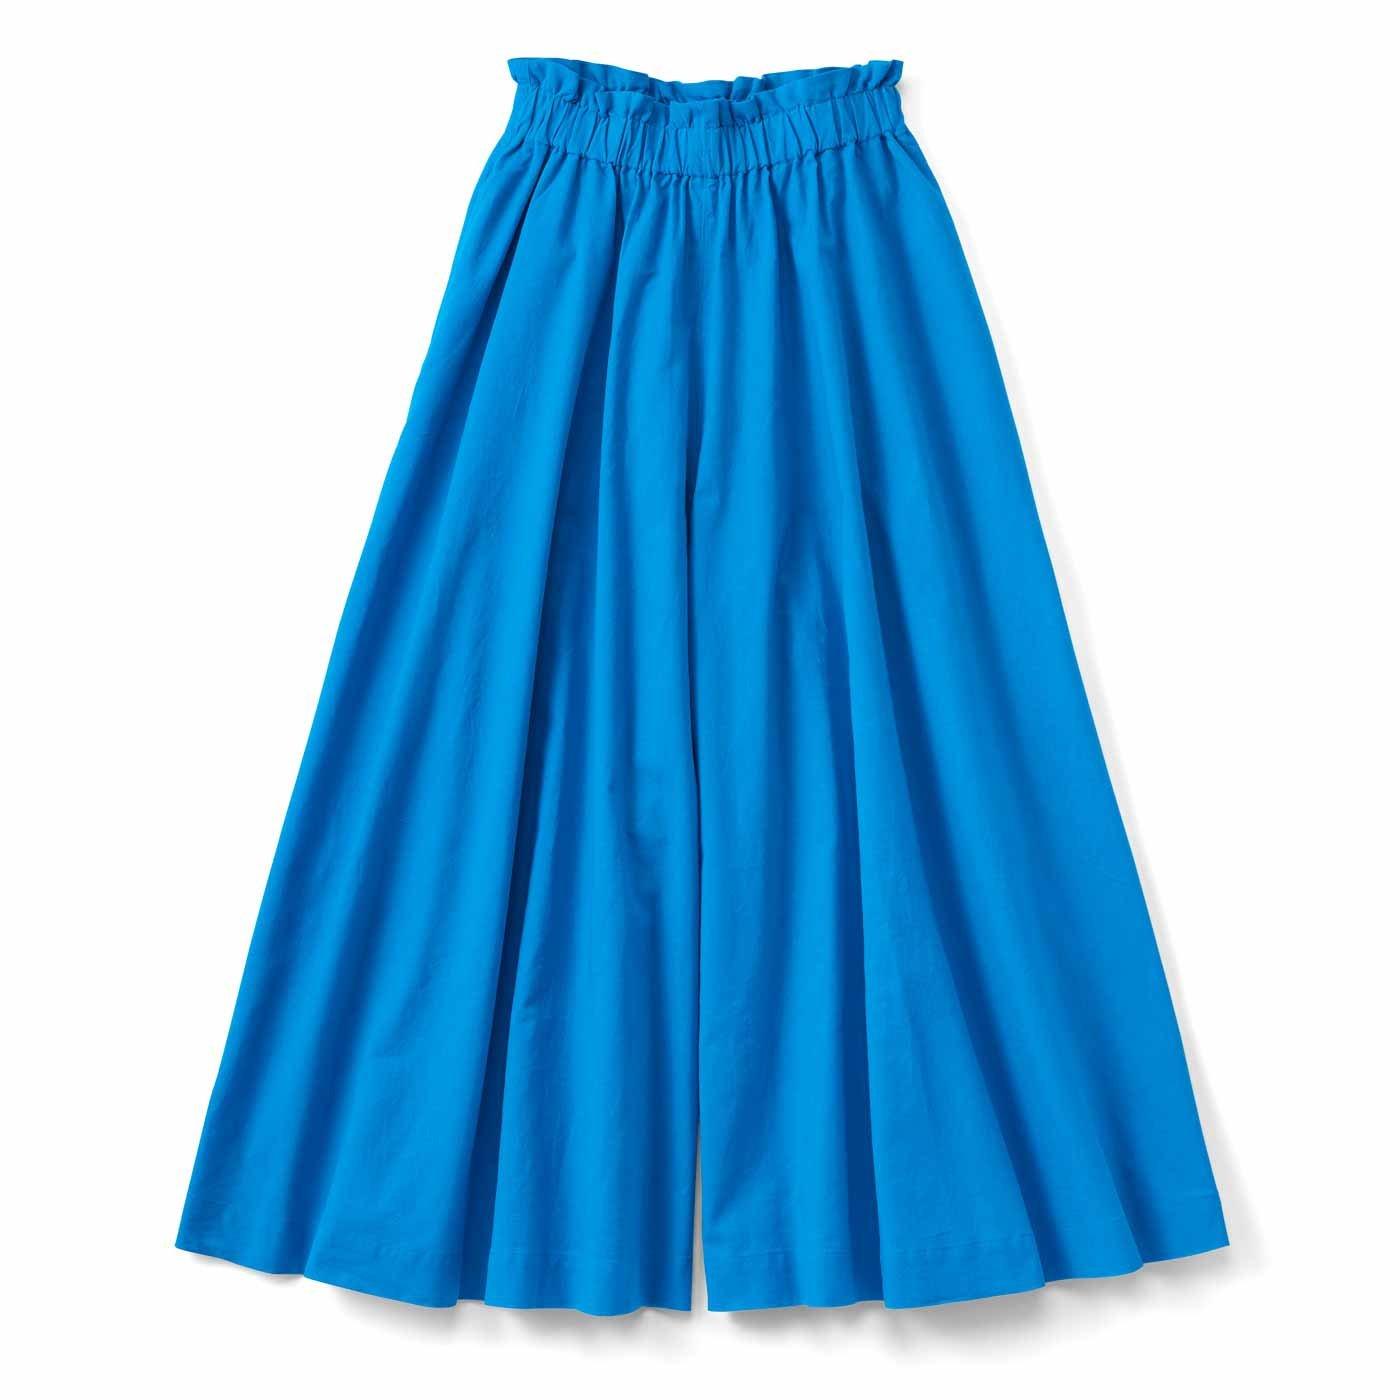 【3~10日でお届け】スカートみたいな コットンリネンのボリュームガウチョパンツ〈ブルー〉